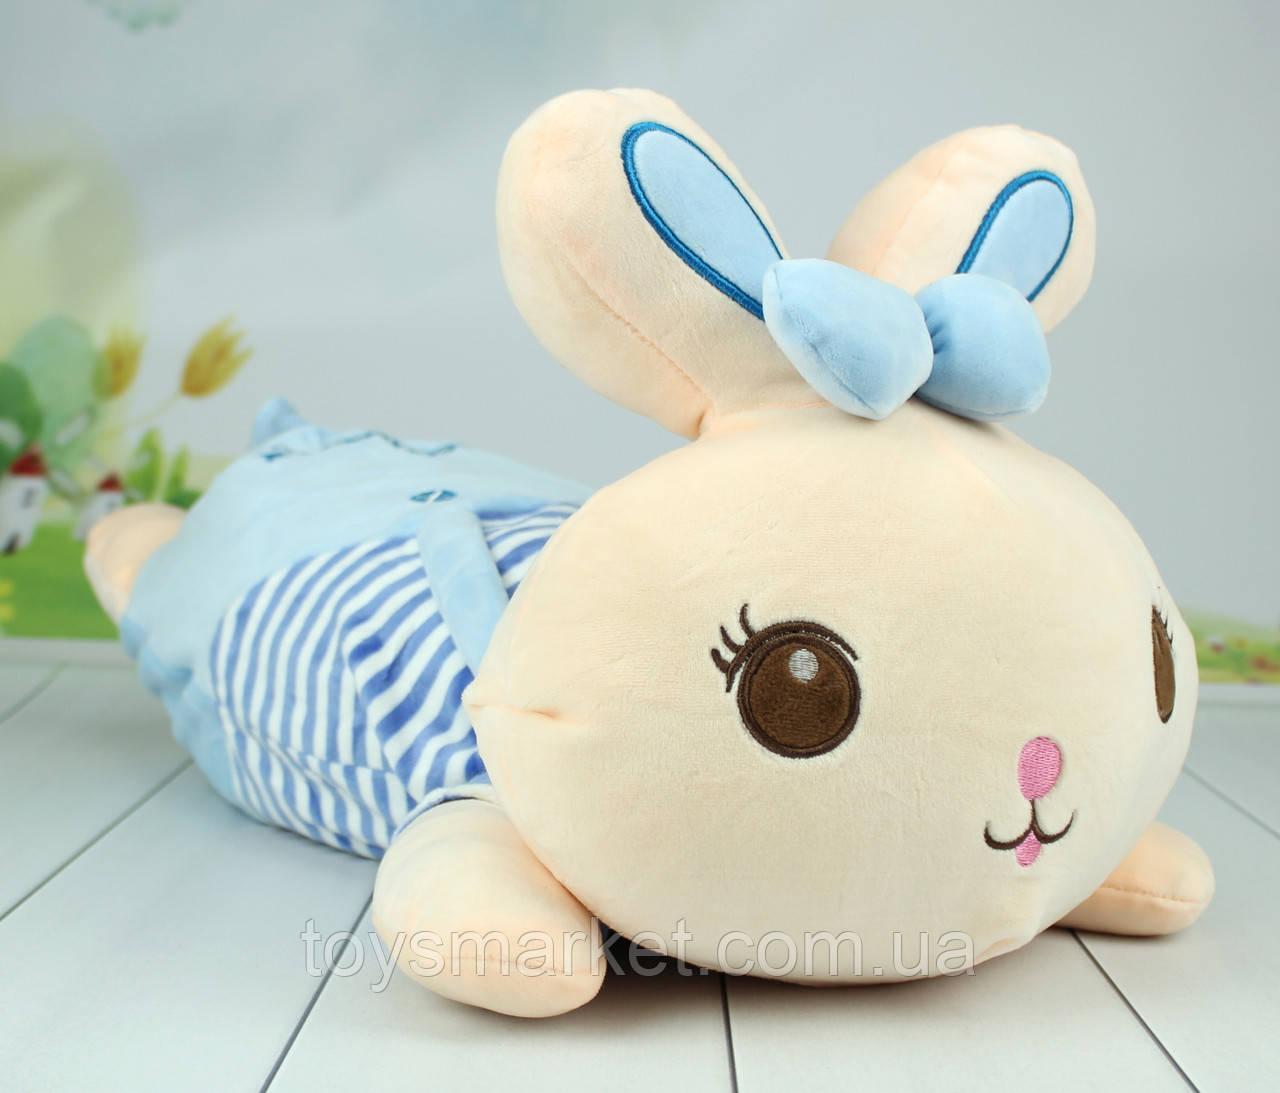 Детская подушка обнимашка зайчик, 60 см.